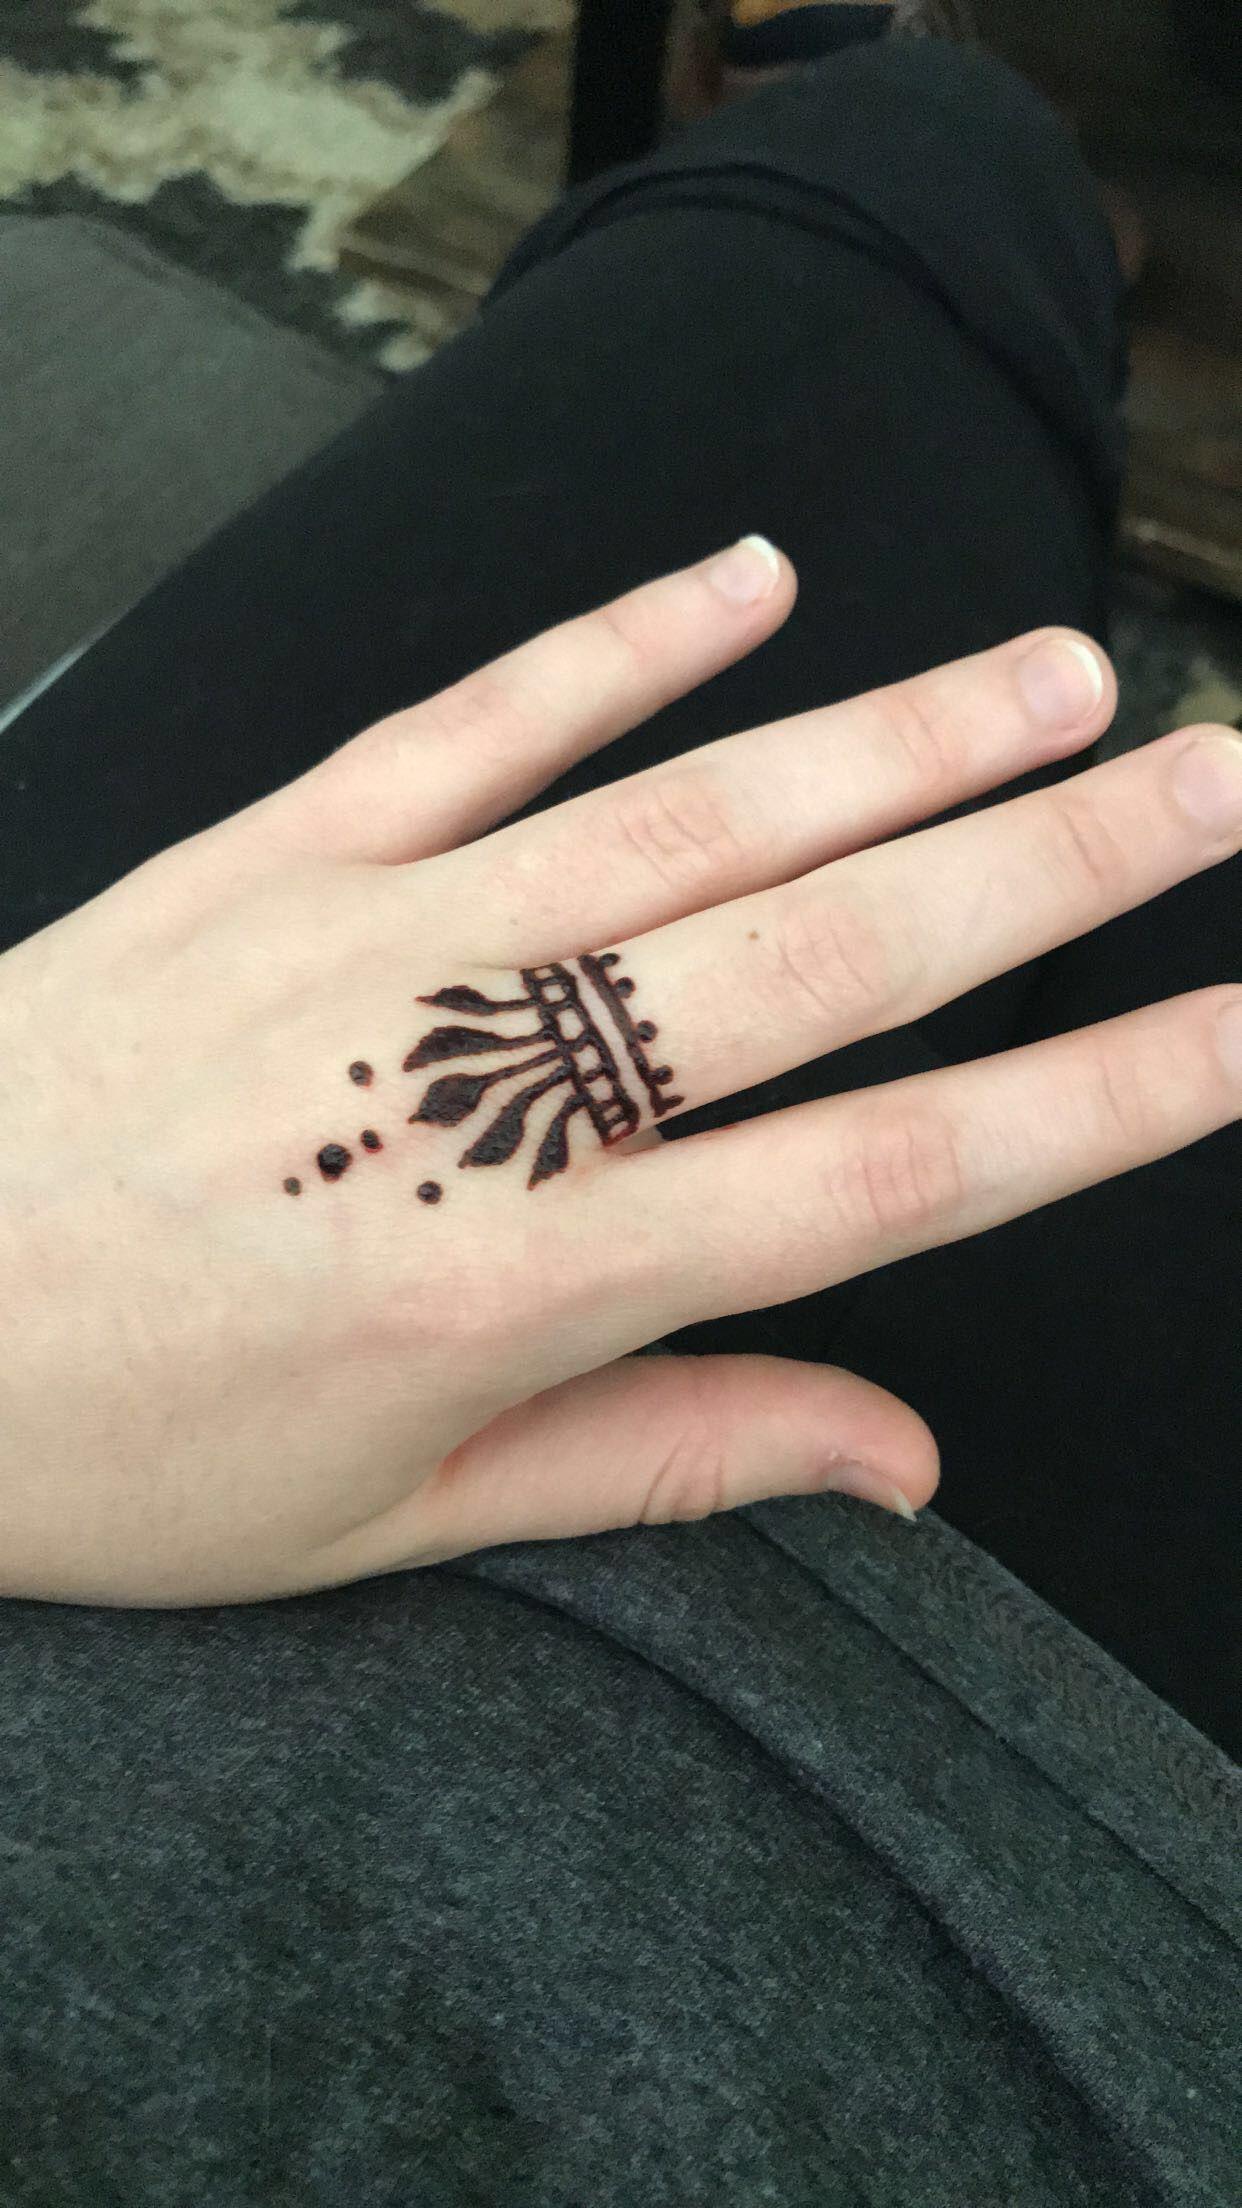 Beginner Hand Henna Design 1 Henna Tattoo Hand Hand Henna Henna Tattoo Designs Simple